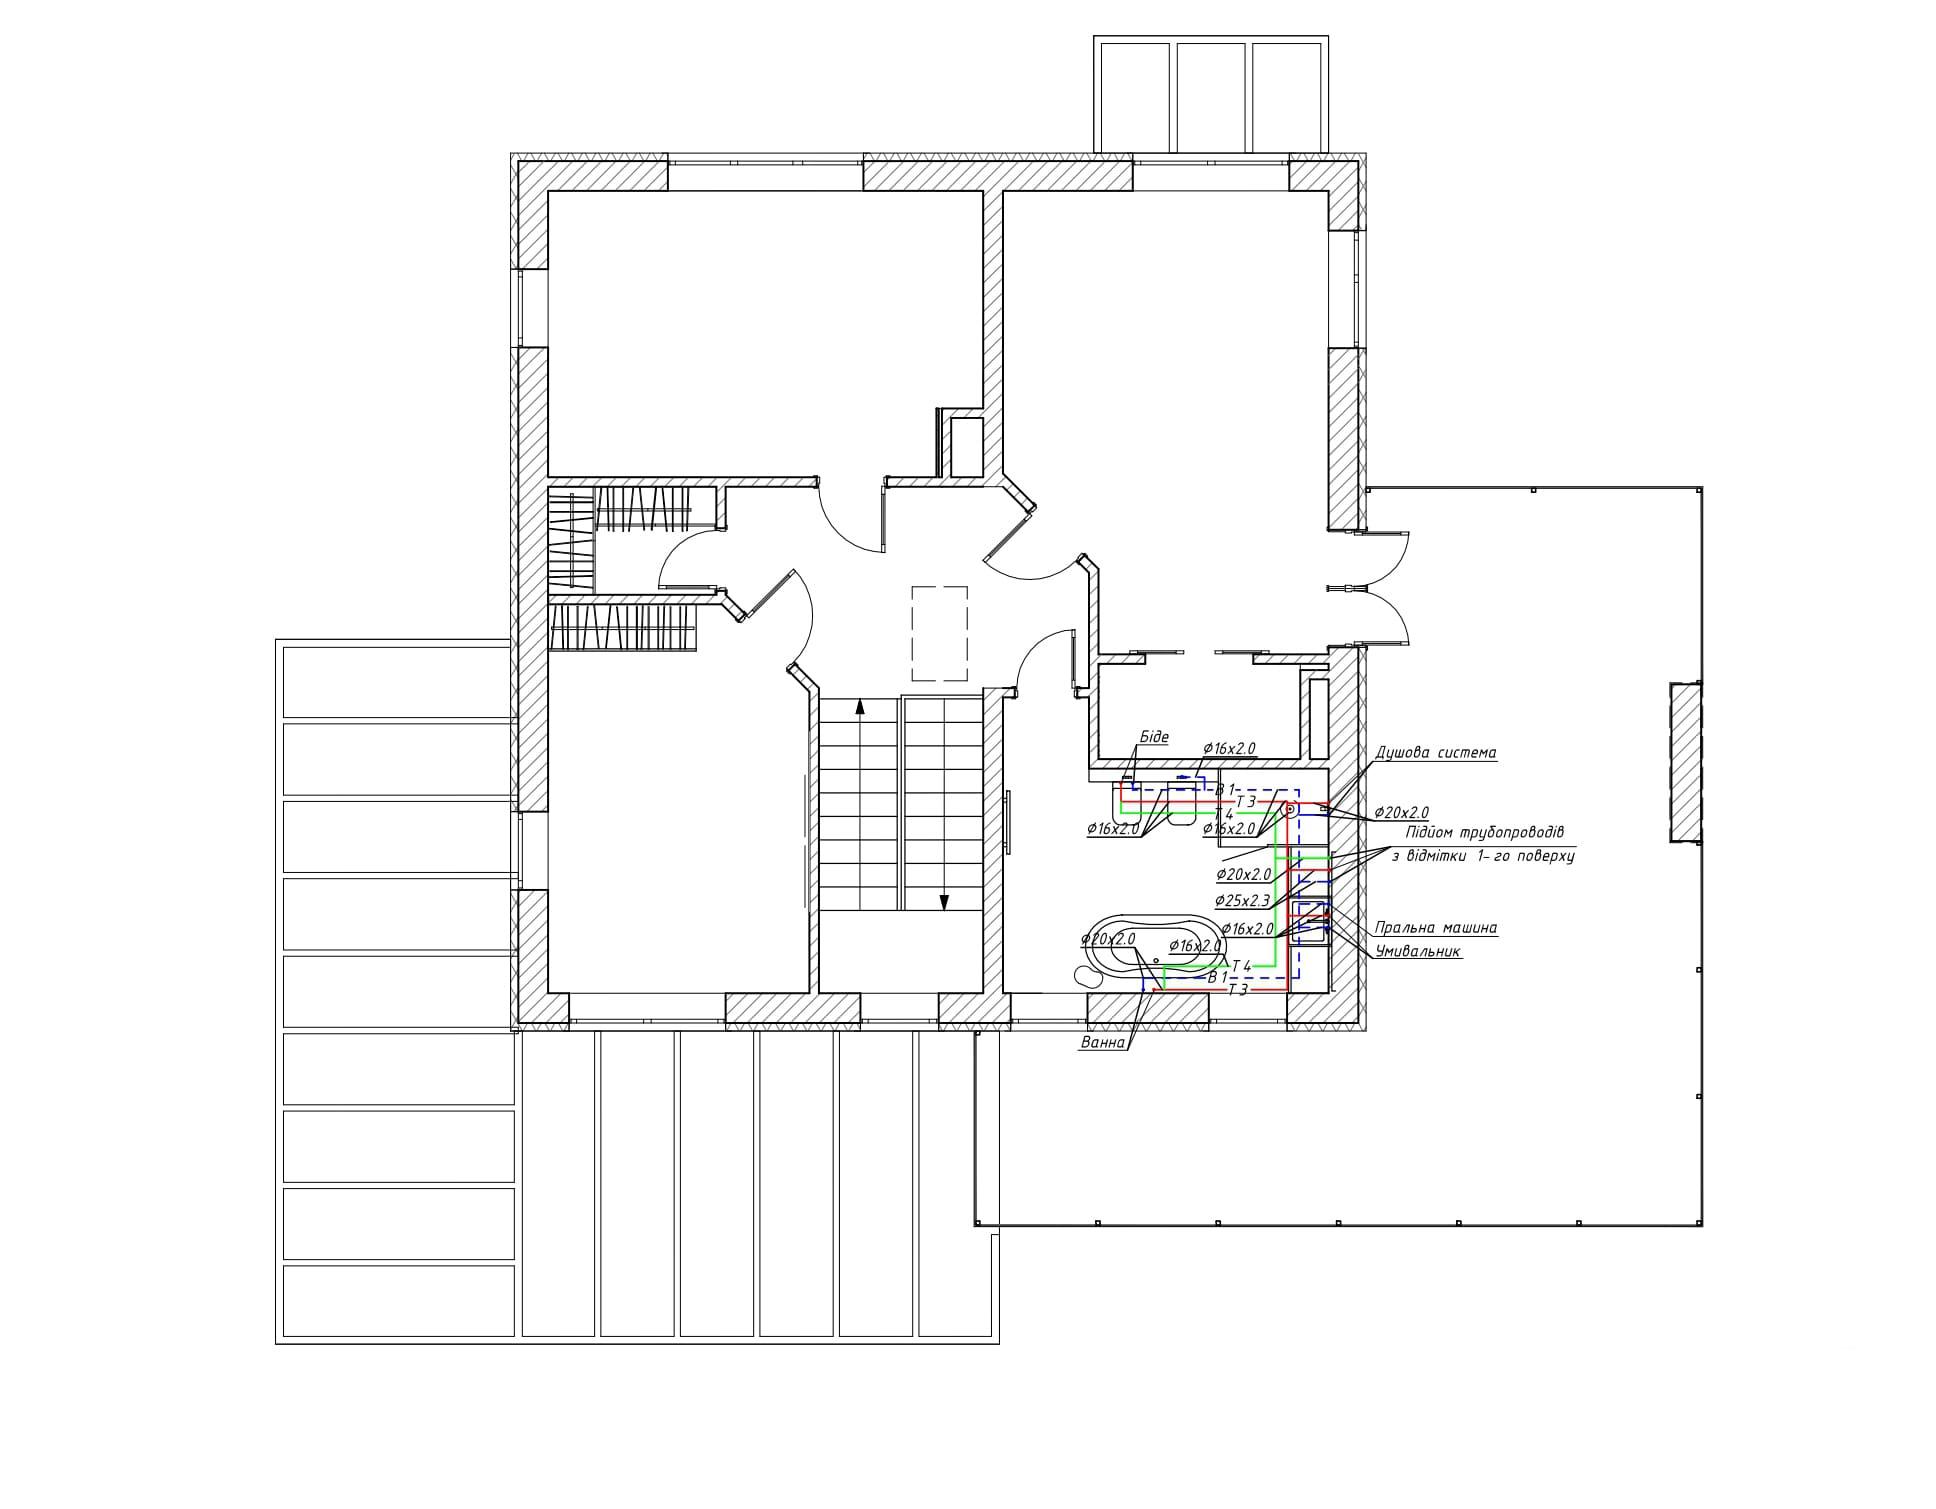 Схема системы водоснабжения, реализованной на 2 этаже дома